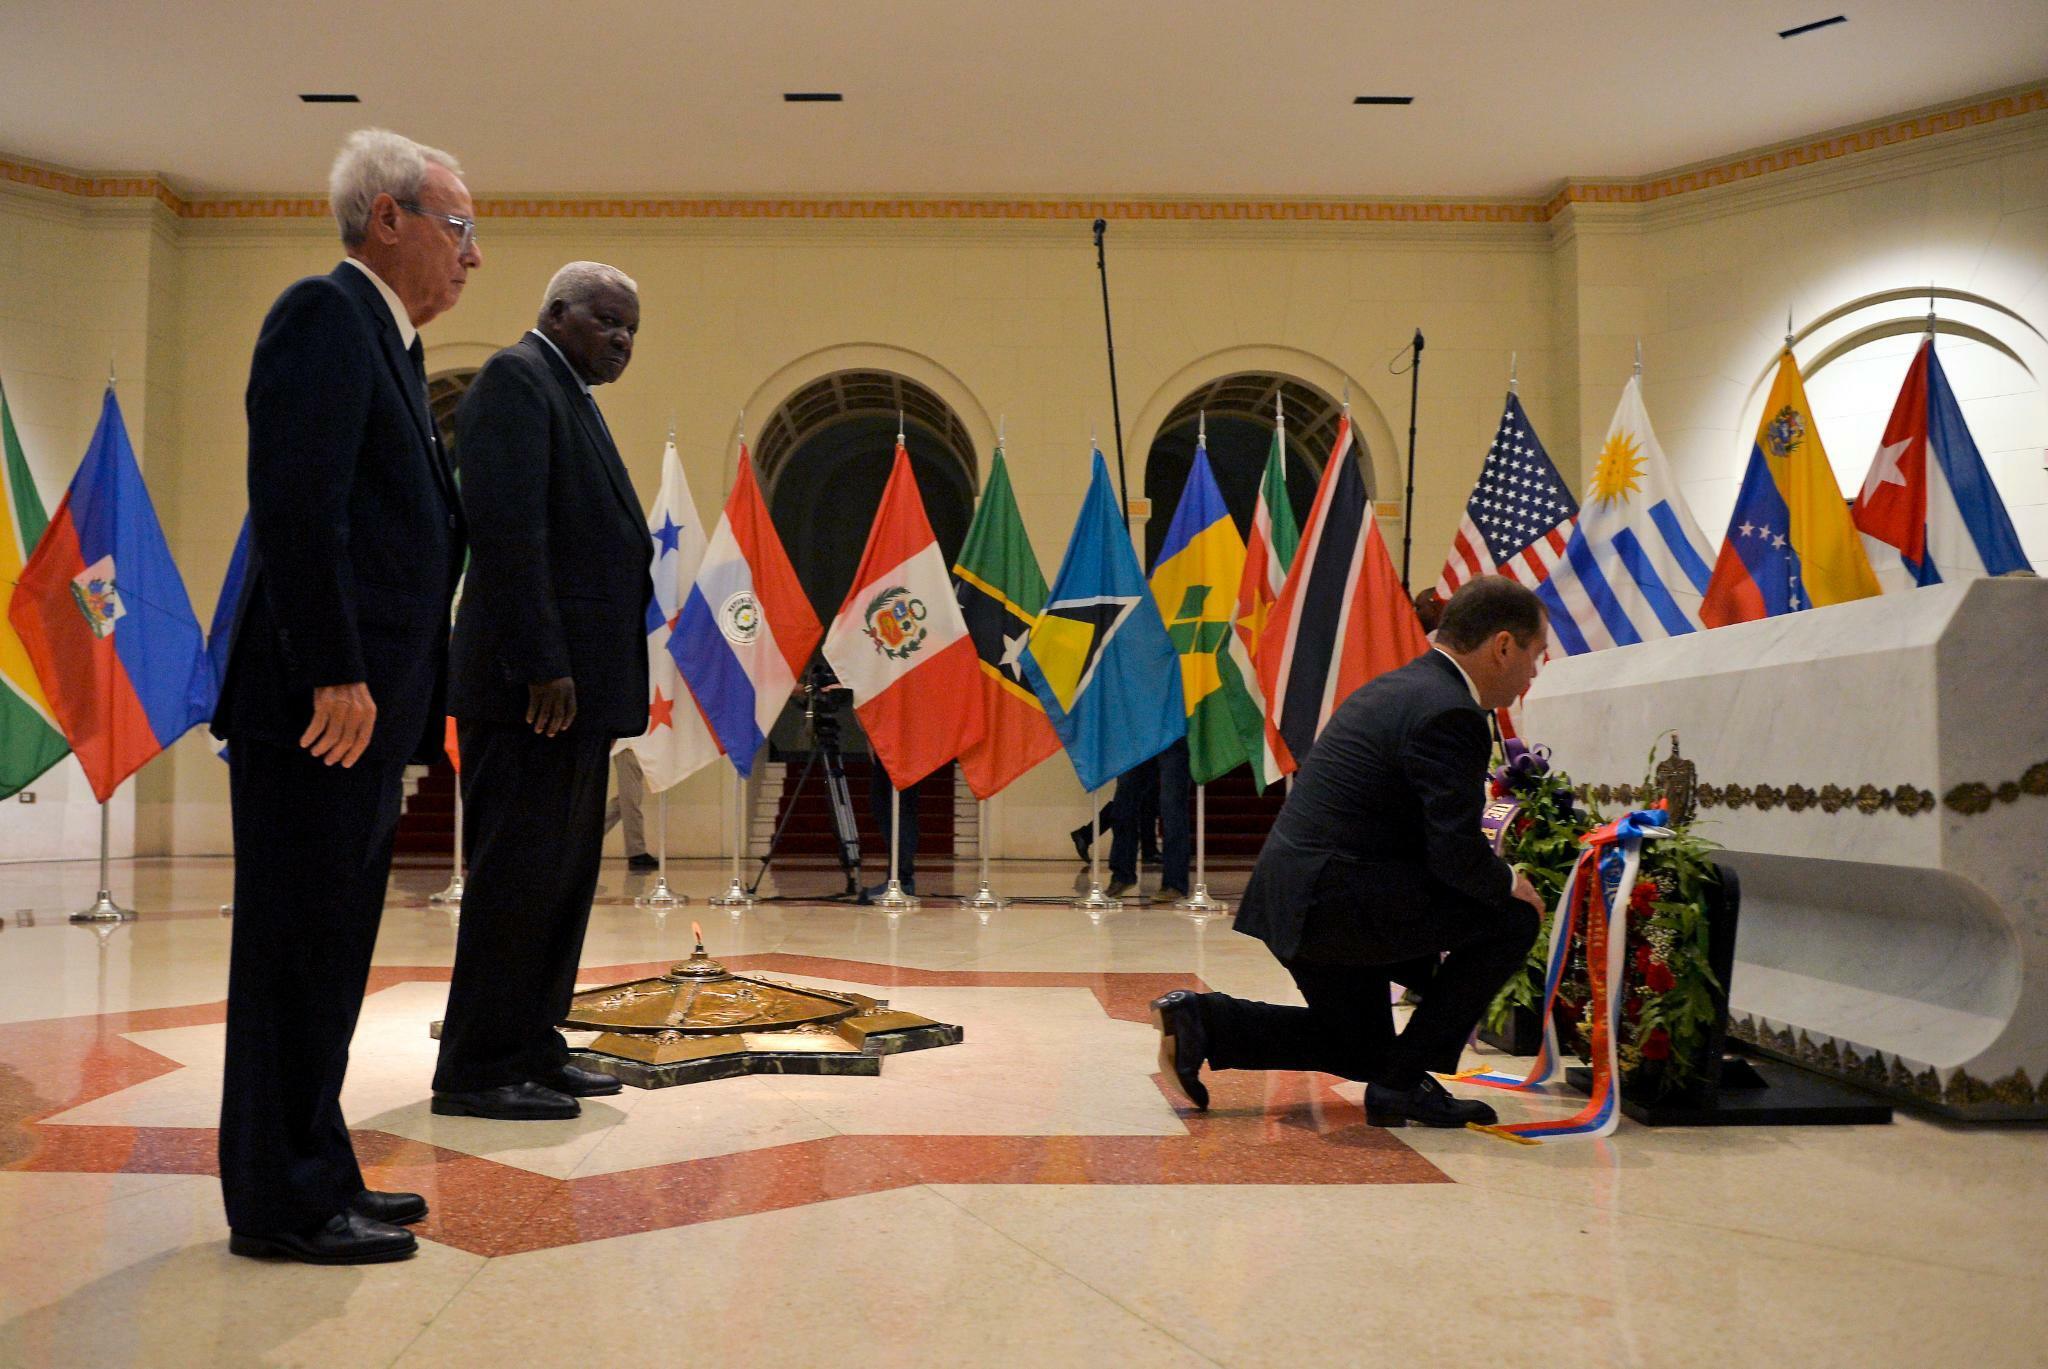 Nach neuen US-Sanktionen: Kuba erhält Unterstützung von Russland